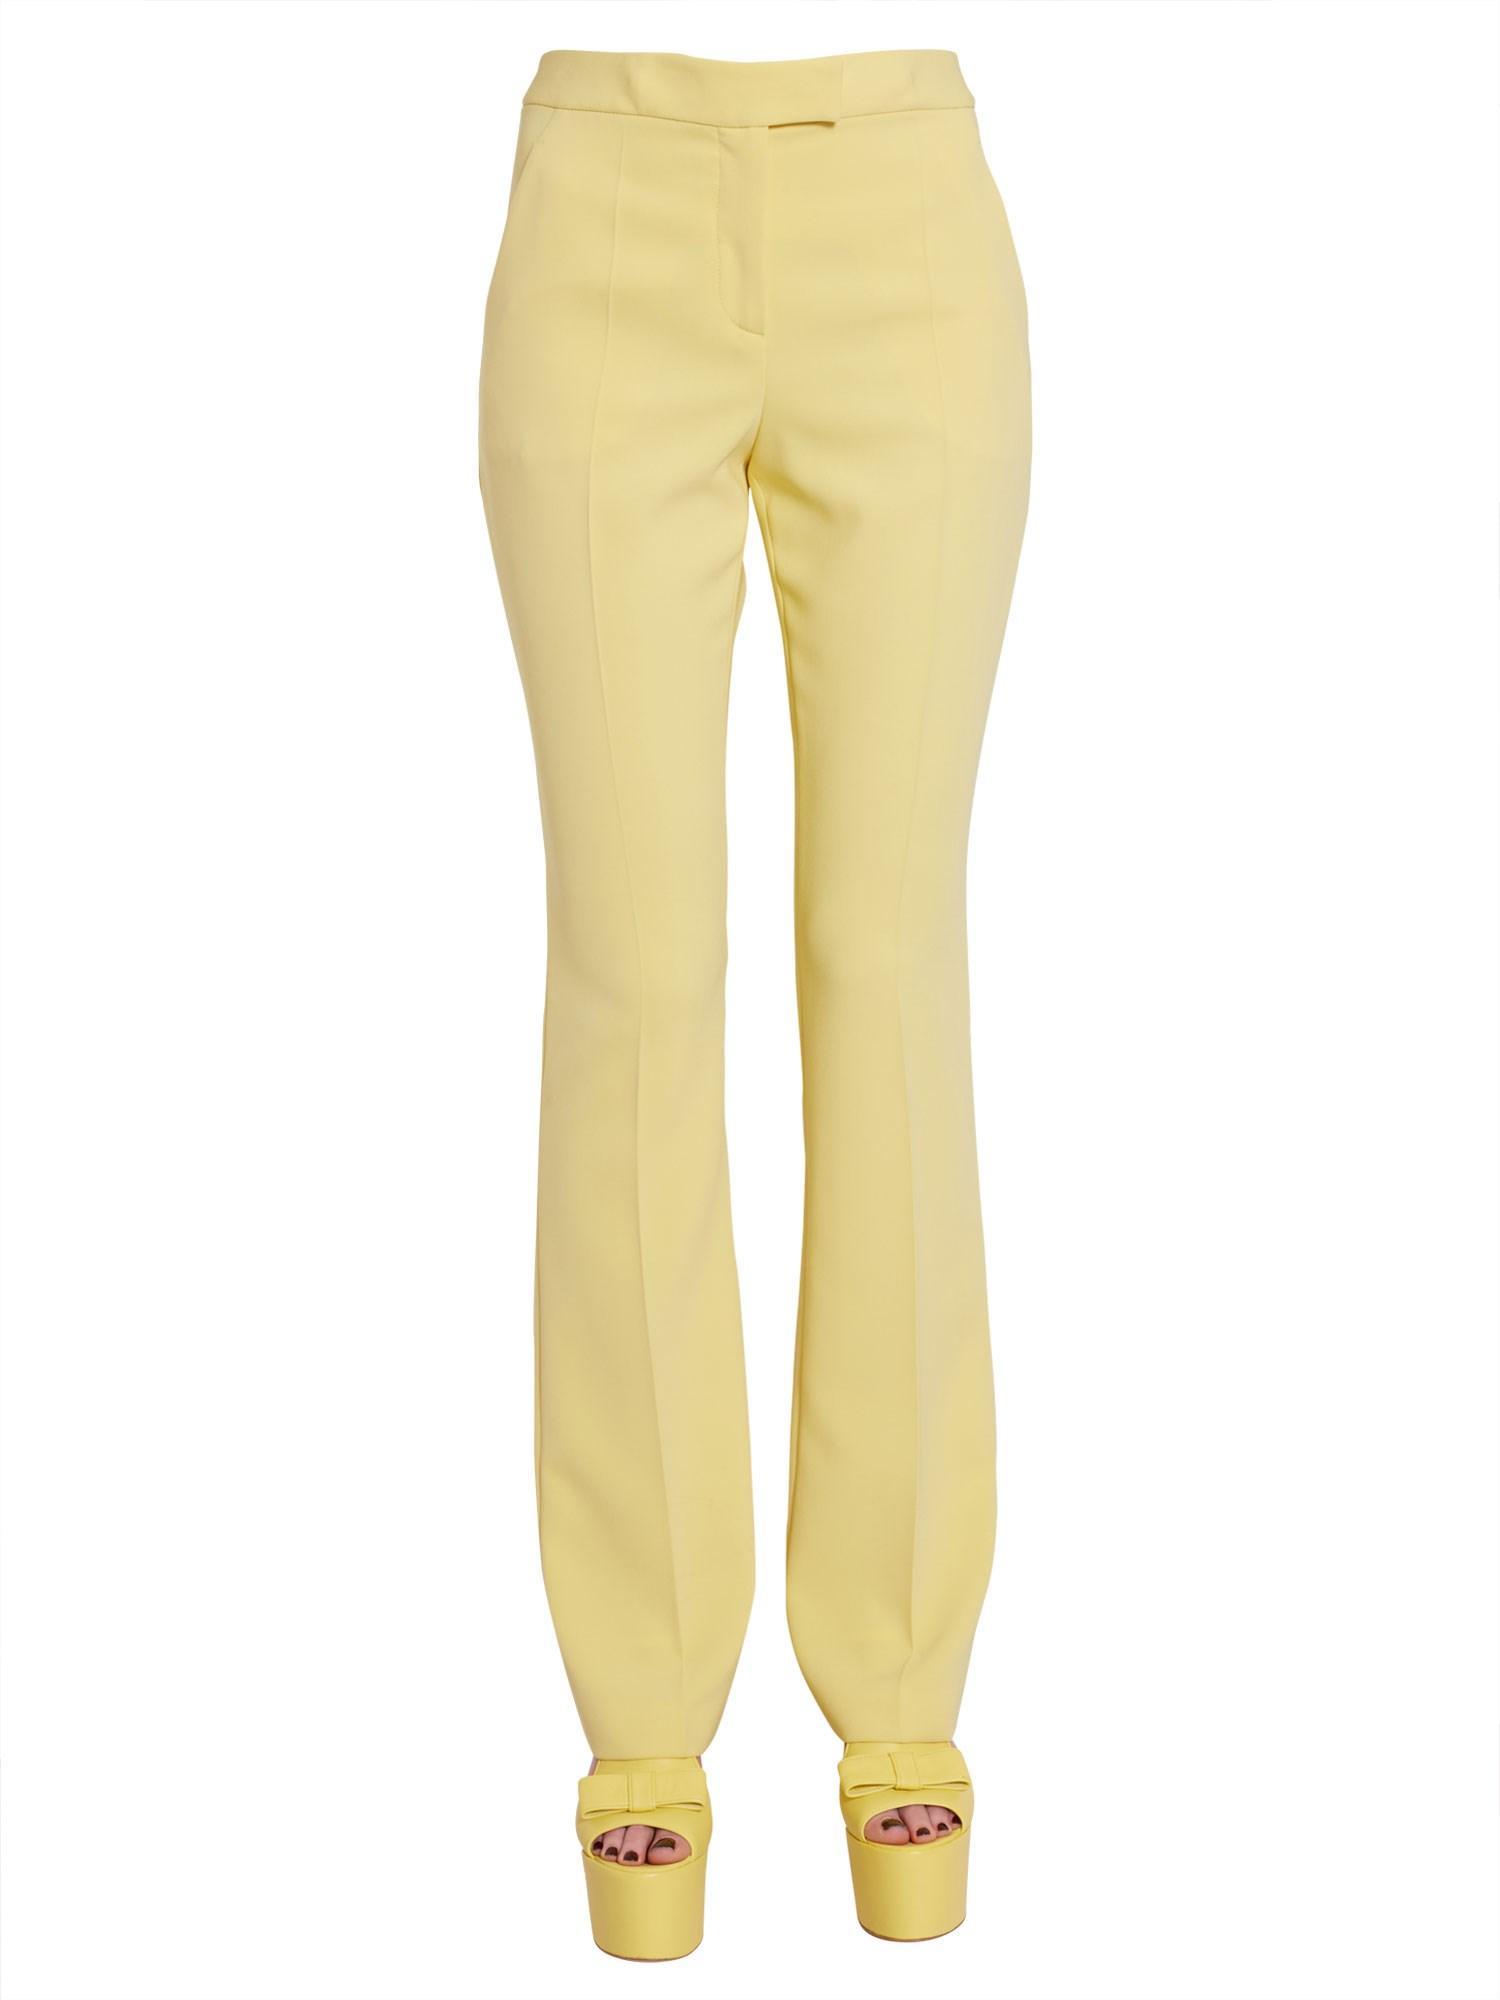 Boutique moschino flare trousers - boutique moschino - Modalova